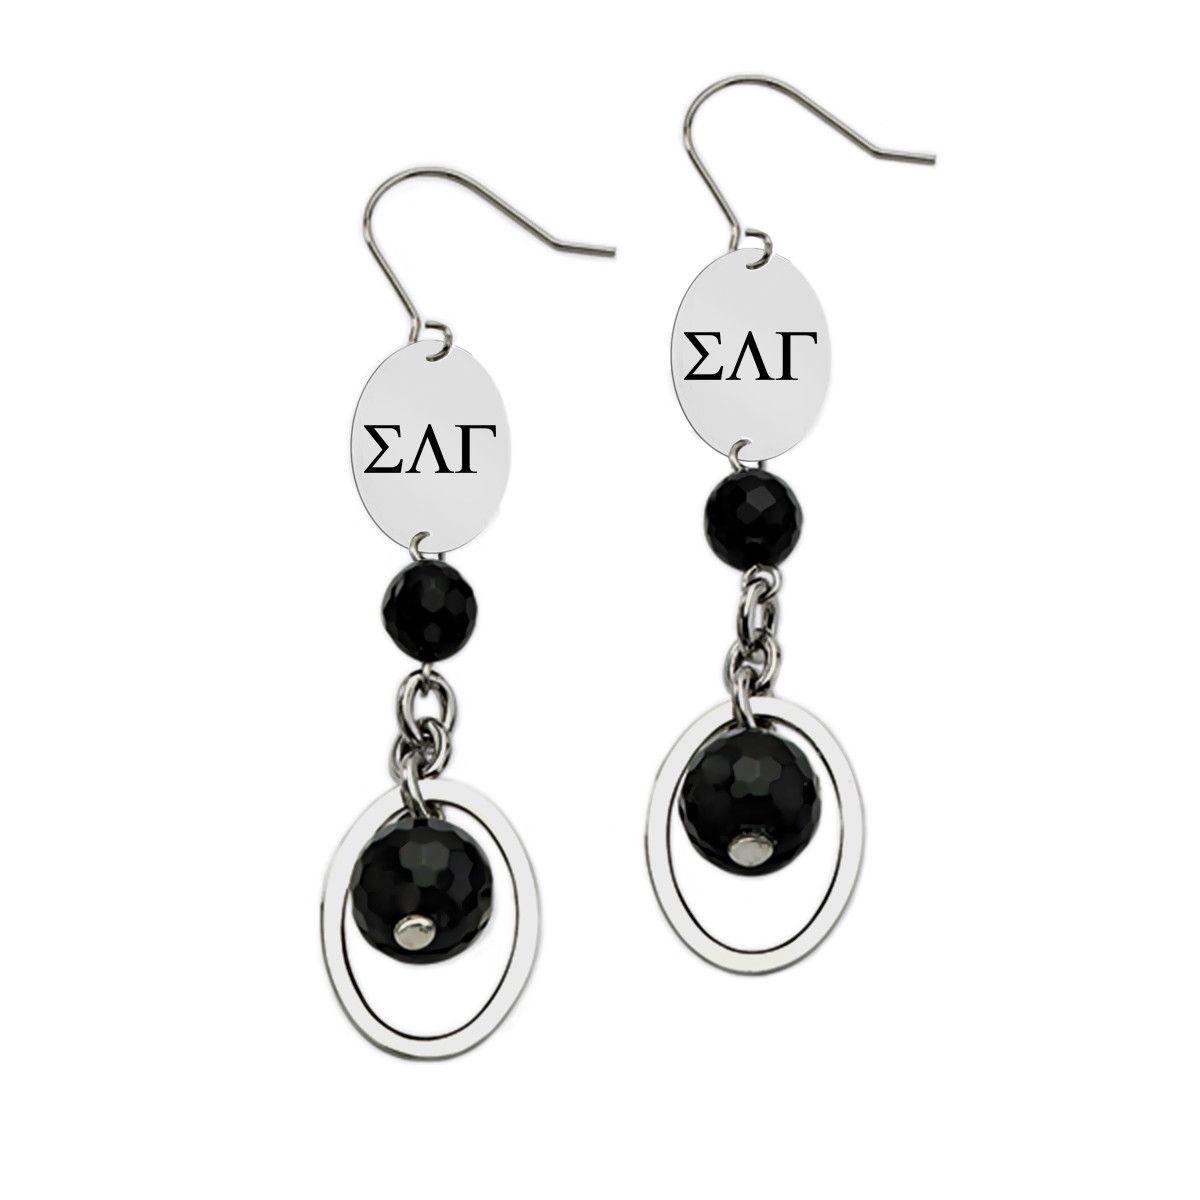 Sigma lambda gamma greek letters black drop stainless steel earrings sigma lambda gamma greek letters black drop stainless steel earrings buycottarizona Gallery